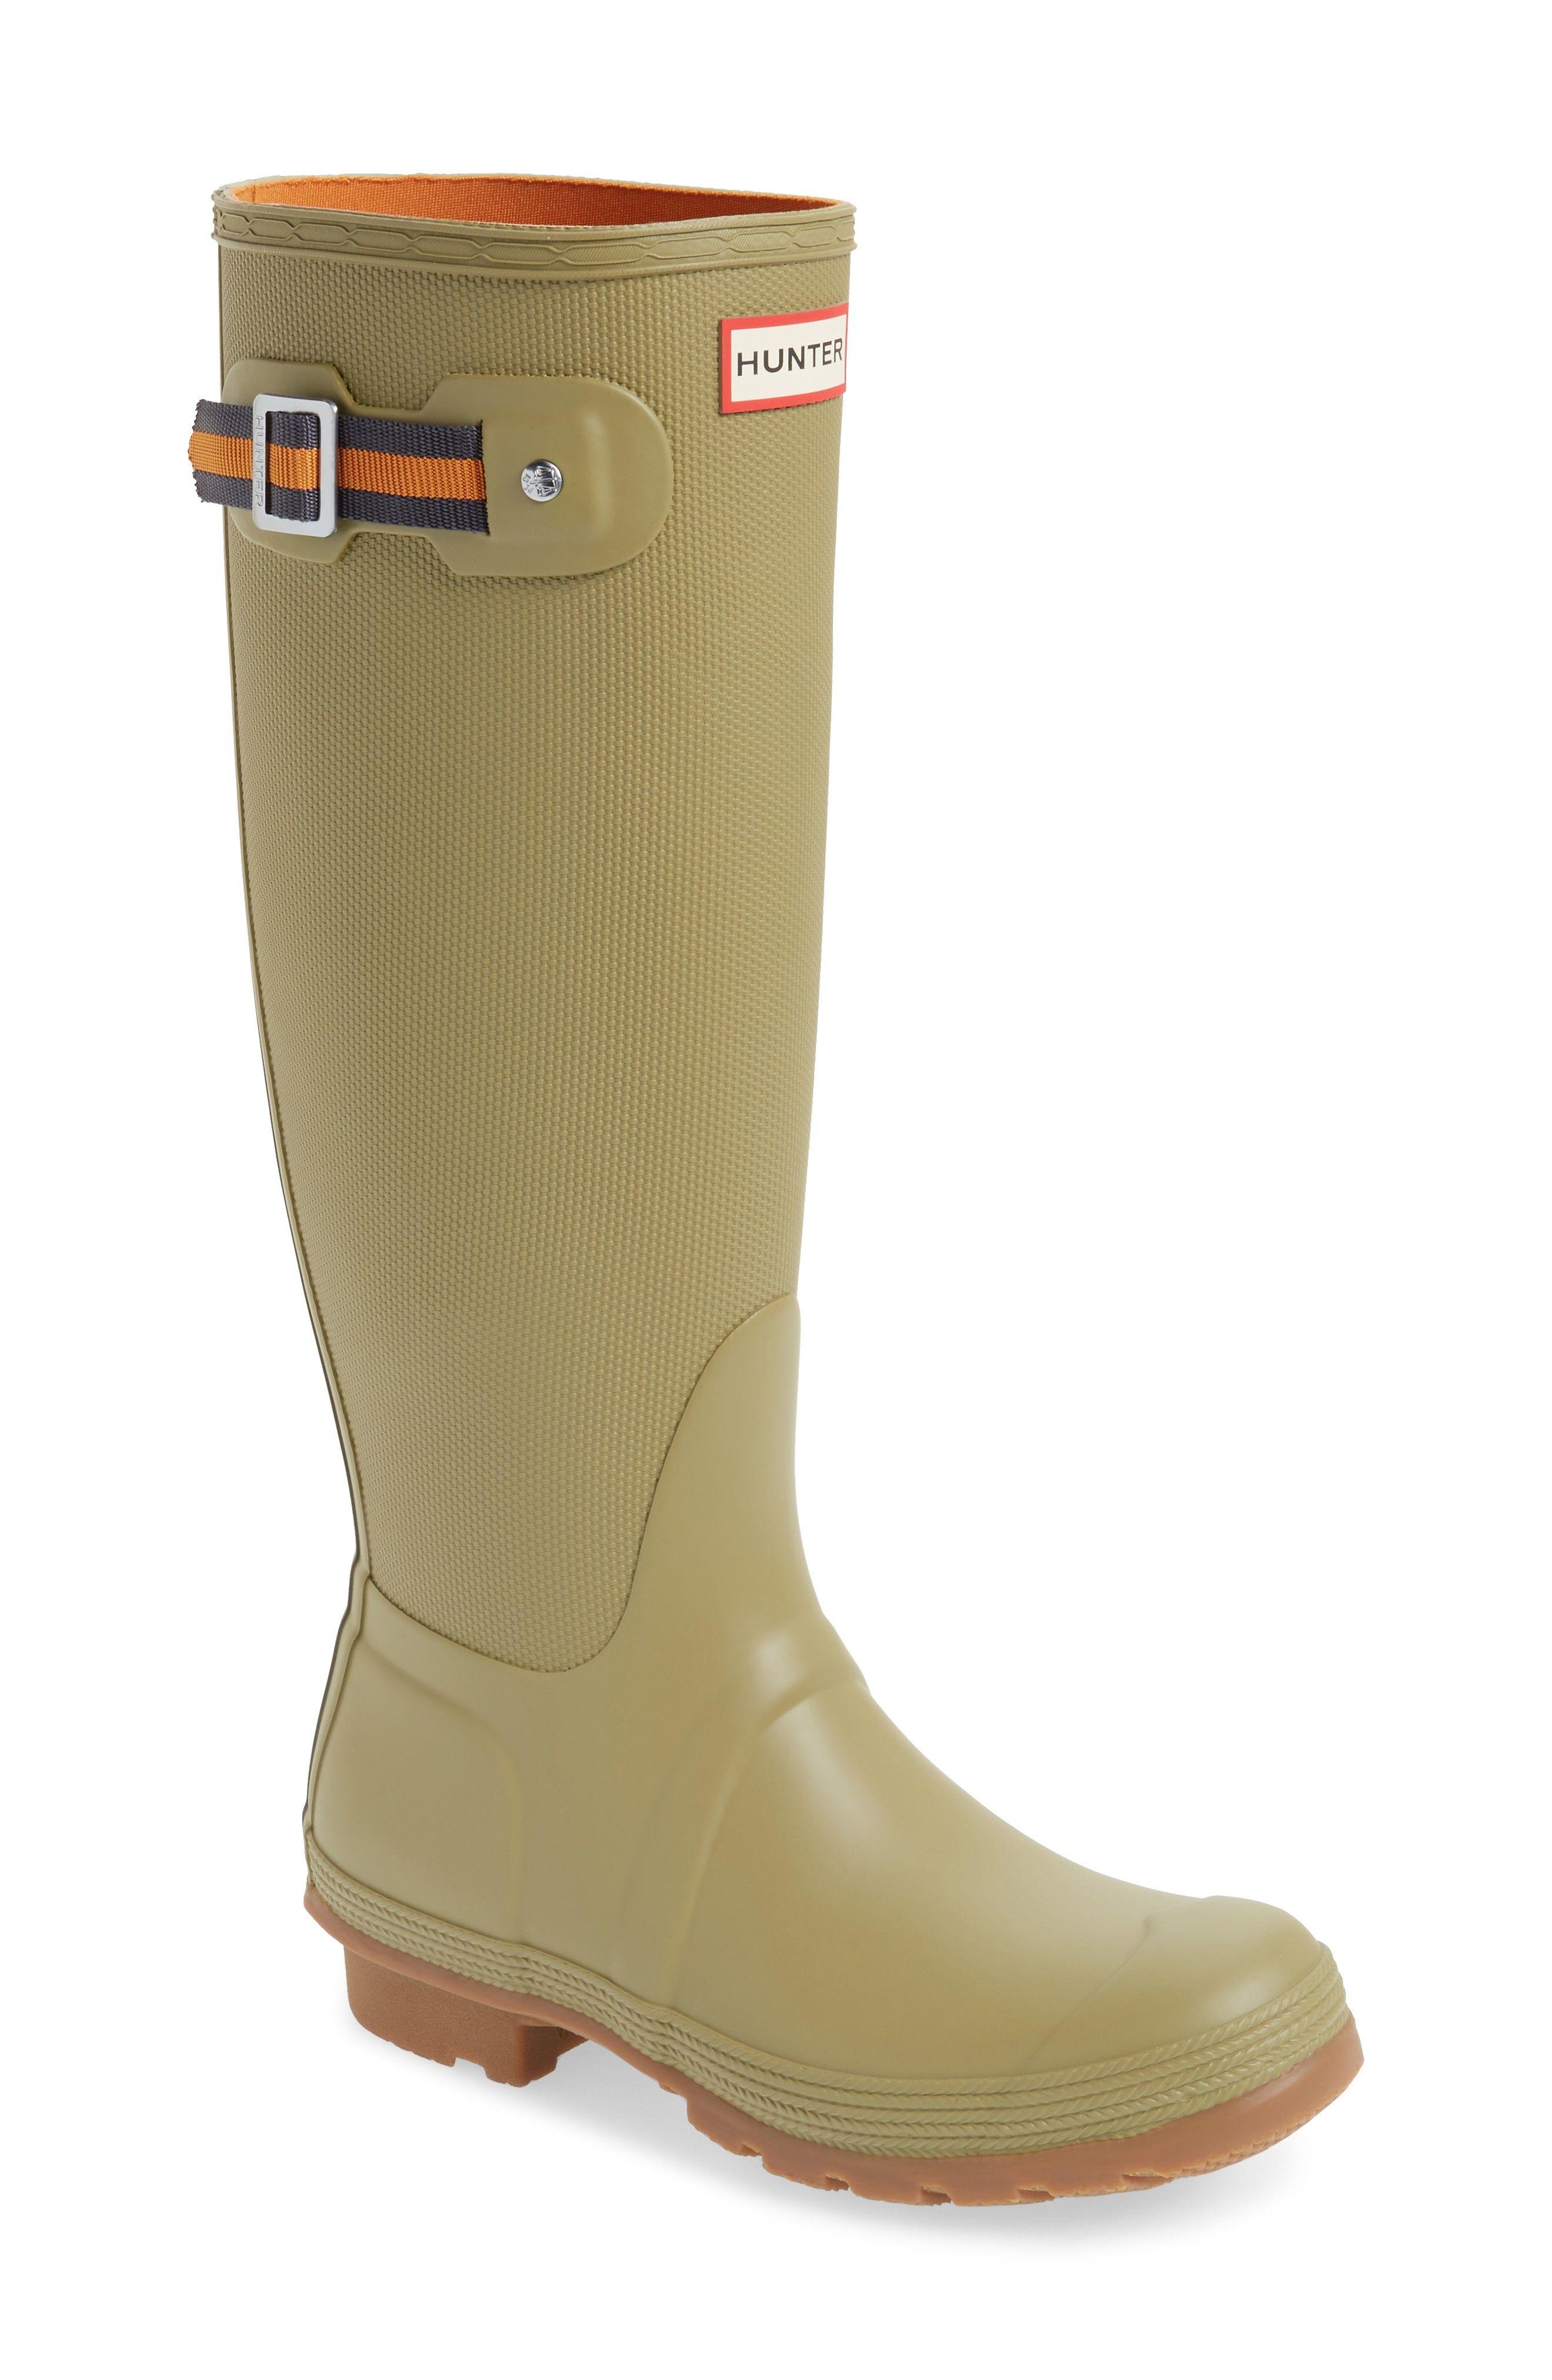 Buy HUNTER Original Sissinghurst Tall Rain Boot online. New HUNTER Boots.  [$175]